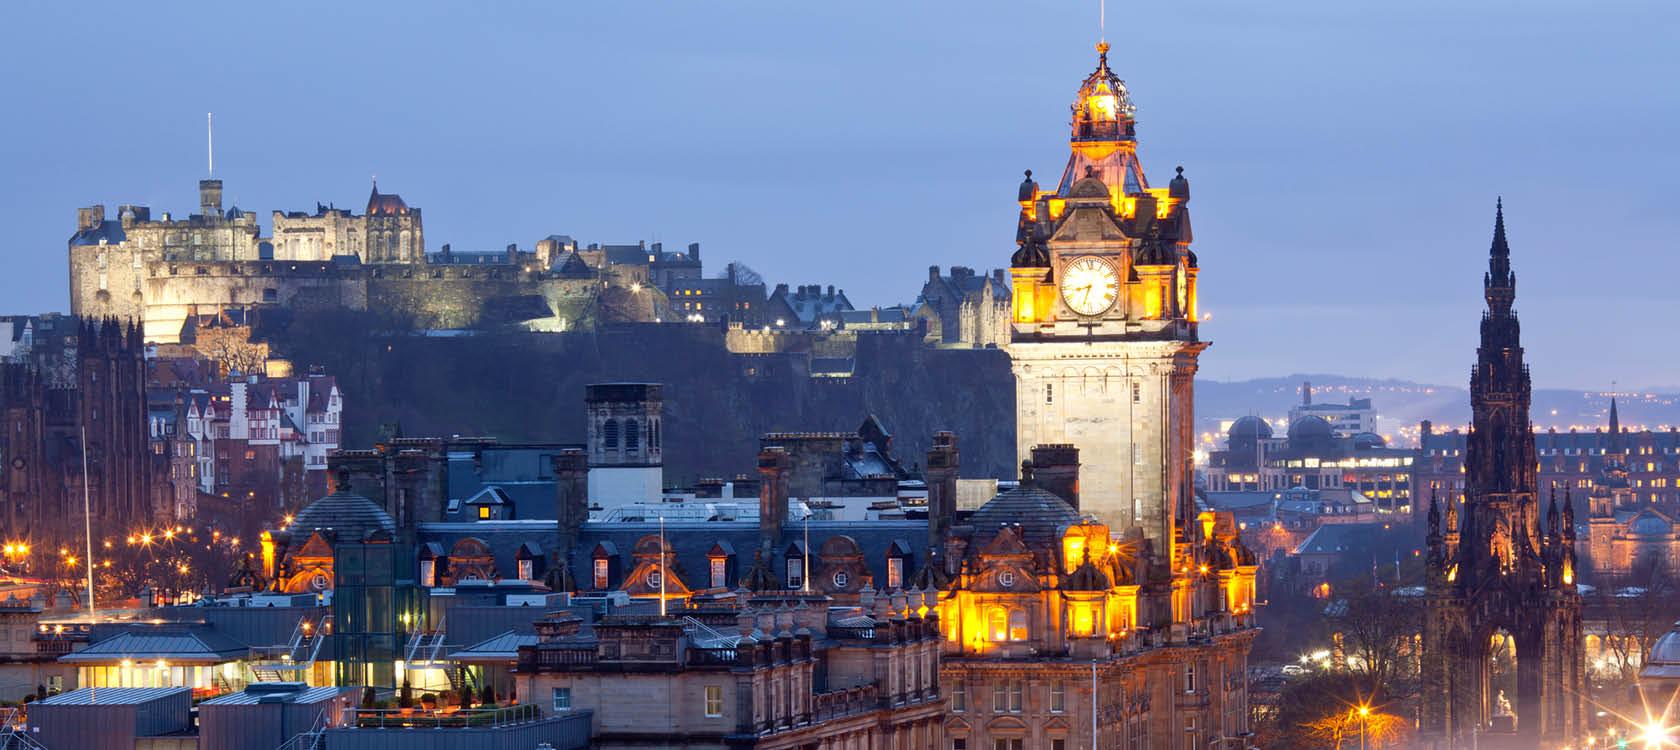 Edinburgh i kvällsljus med upplyst klocktorn på en resa till Skottland.